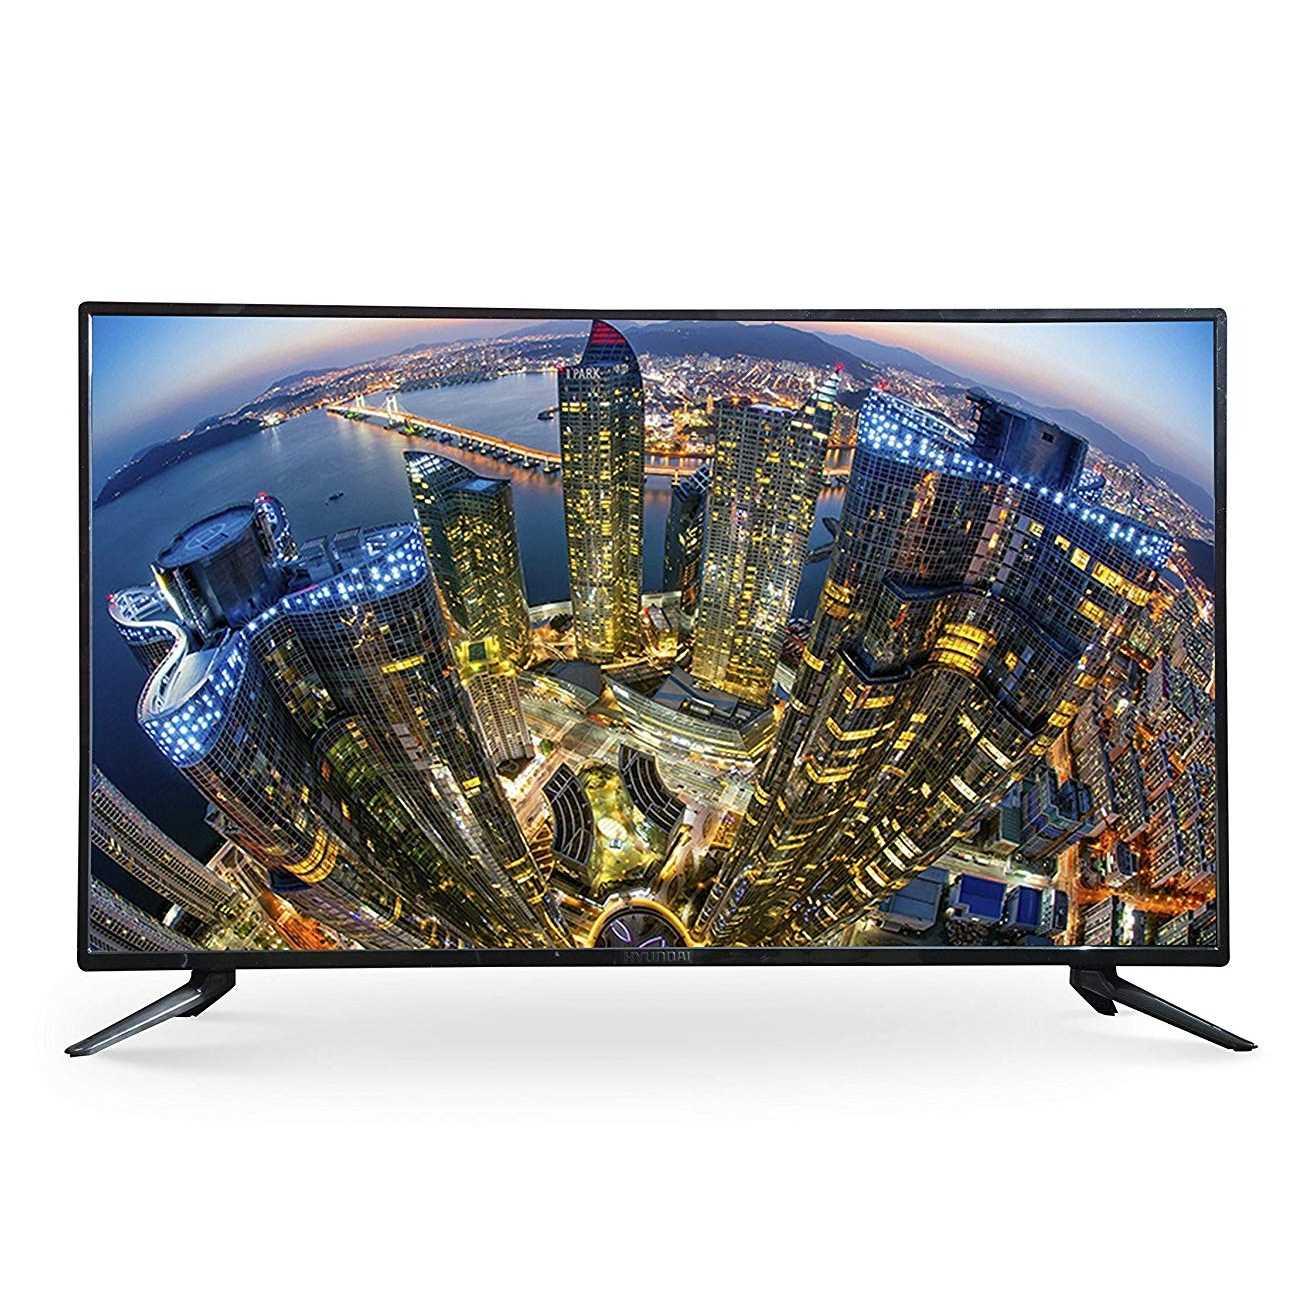 Hyundai HY4385FHZ17 43 Inch Full HD LED Television